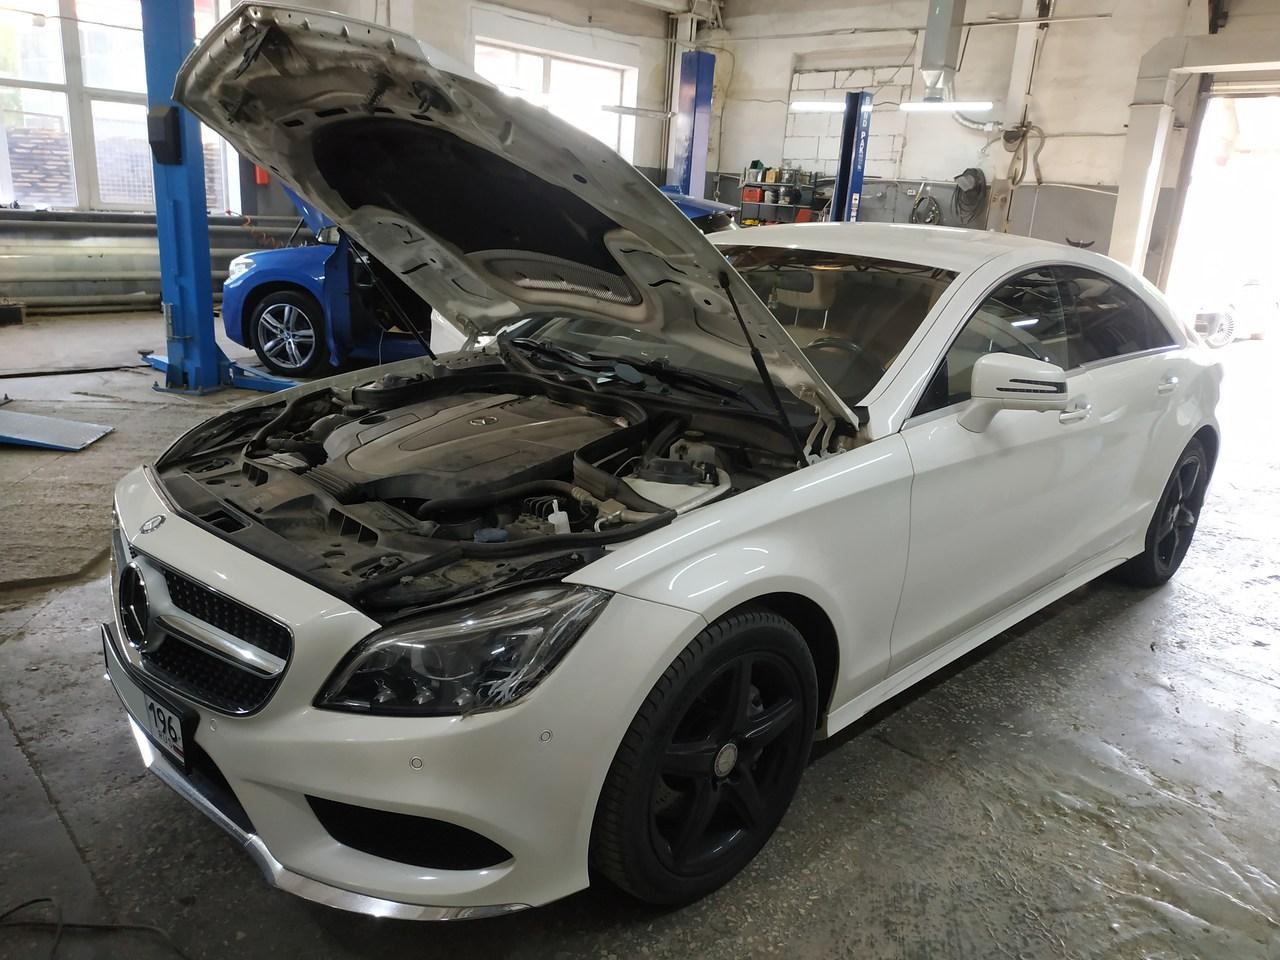 Mercedes Benz СLS 350 4МАТIС ВLUЕТЕС W218 2014 г.в.